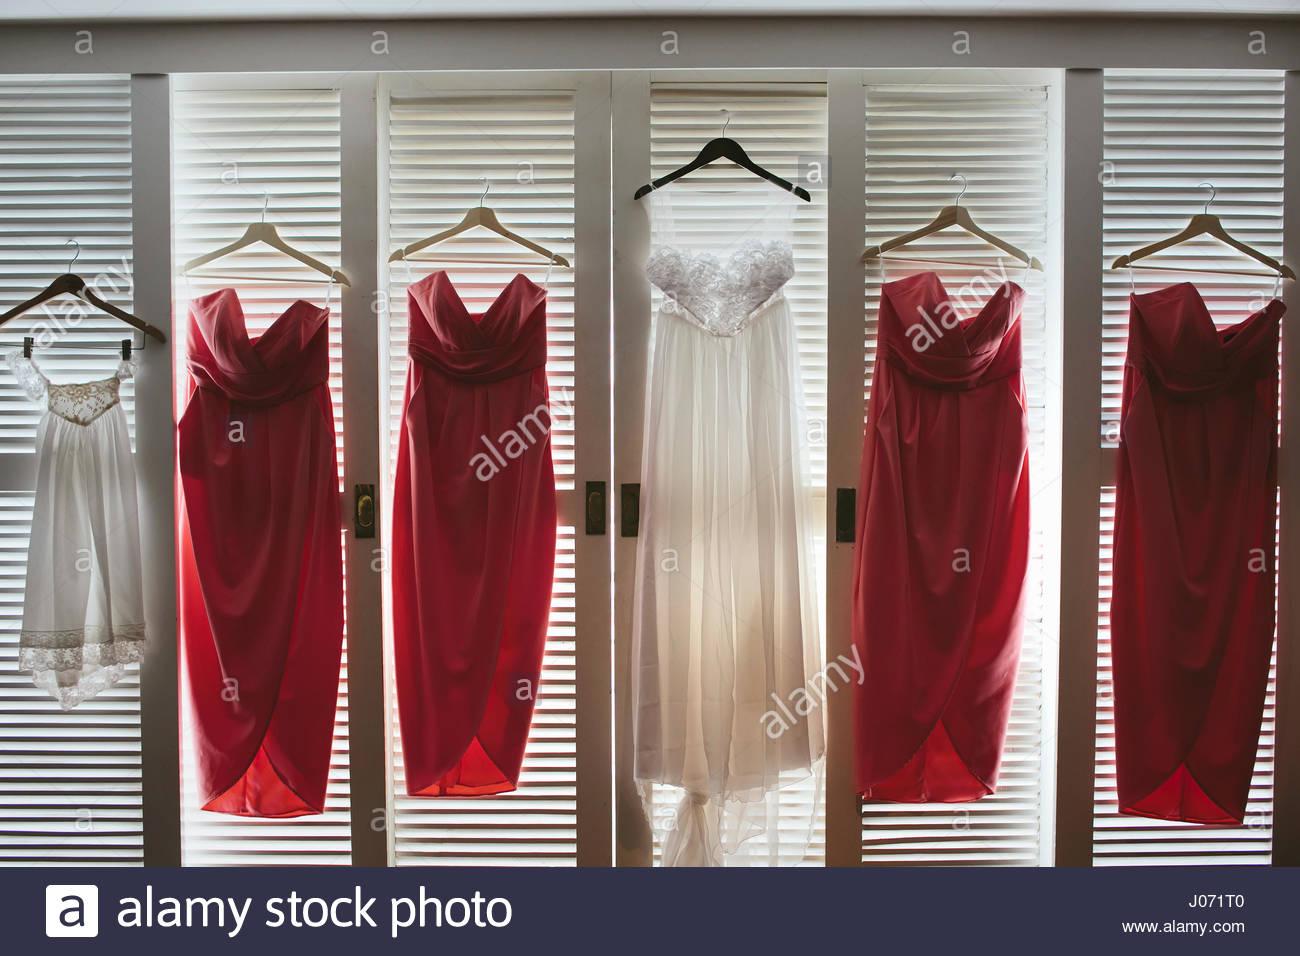 A wedding dress and bridesmaids\u0027 dresses hanging on cupboard doors Stock Photo 137838064 - Alamy & A wedding dress and bridesmaids\u0027 dresses hanging on cupboard doors ...